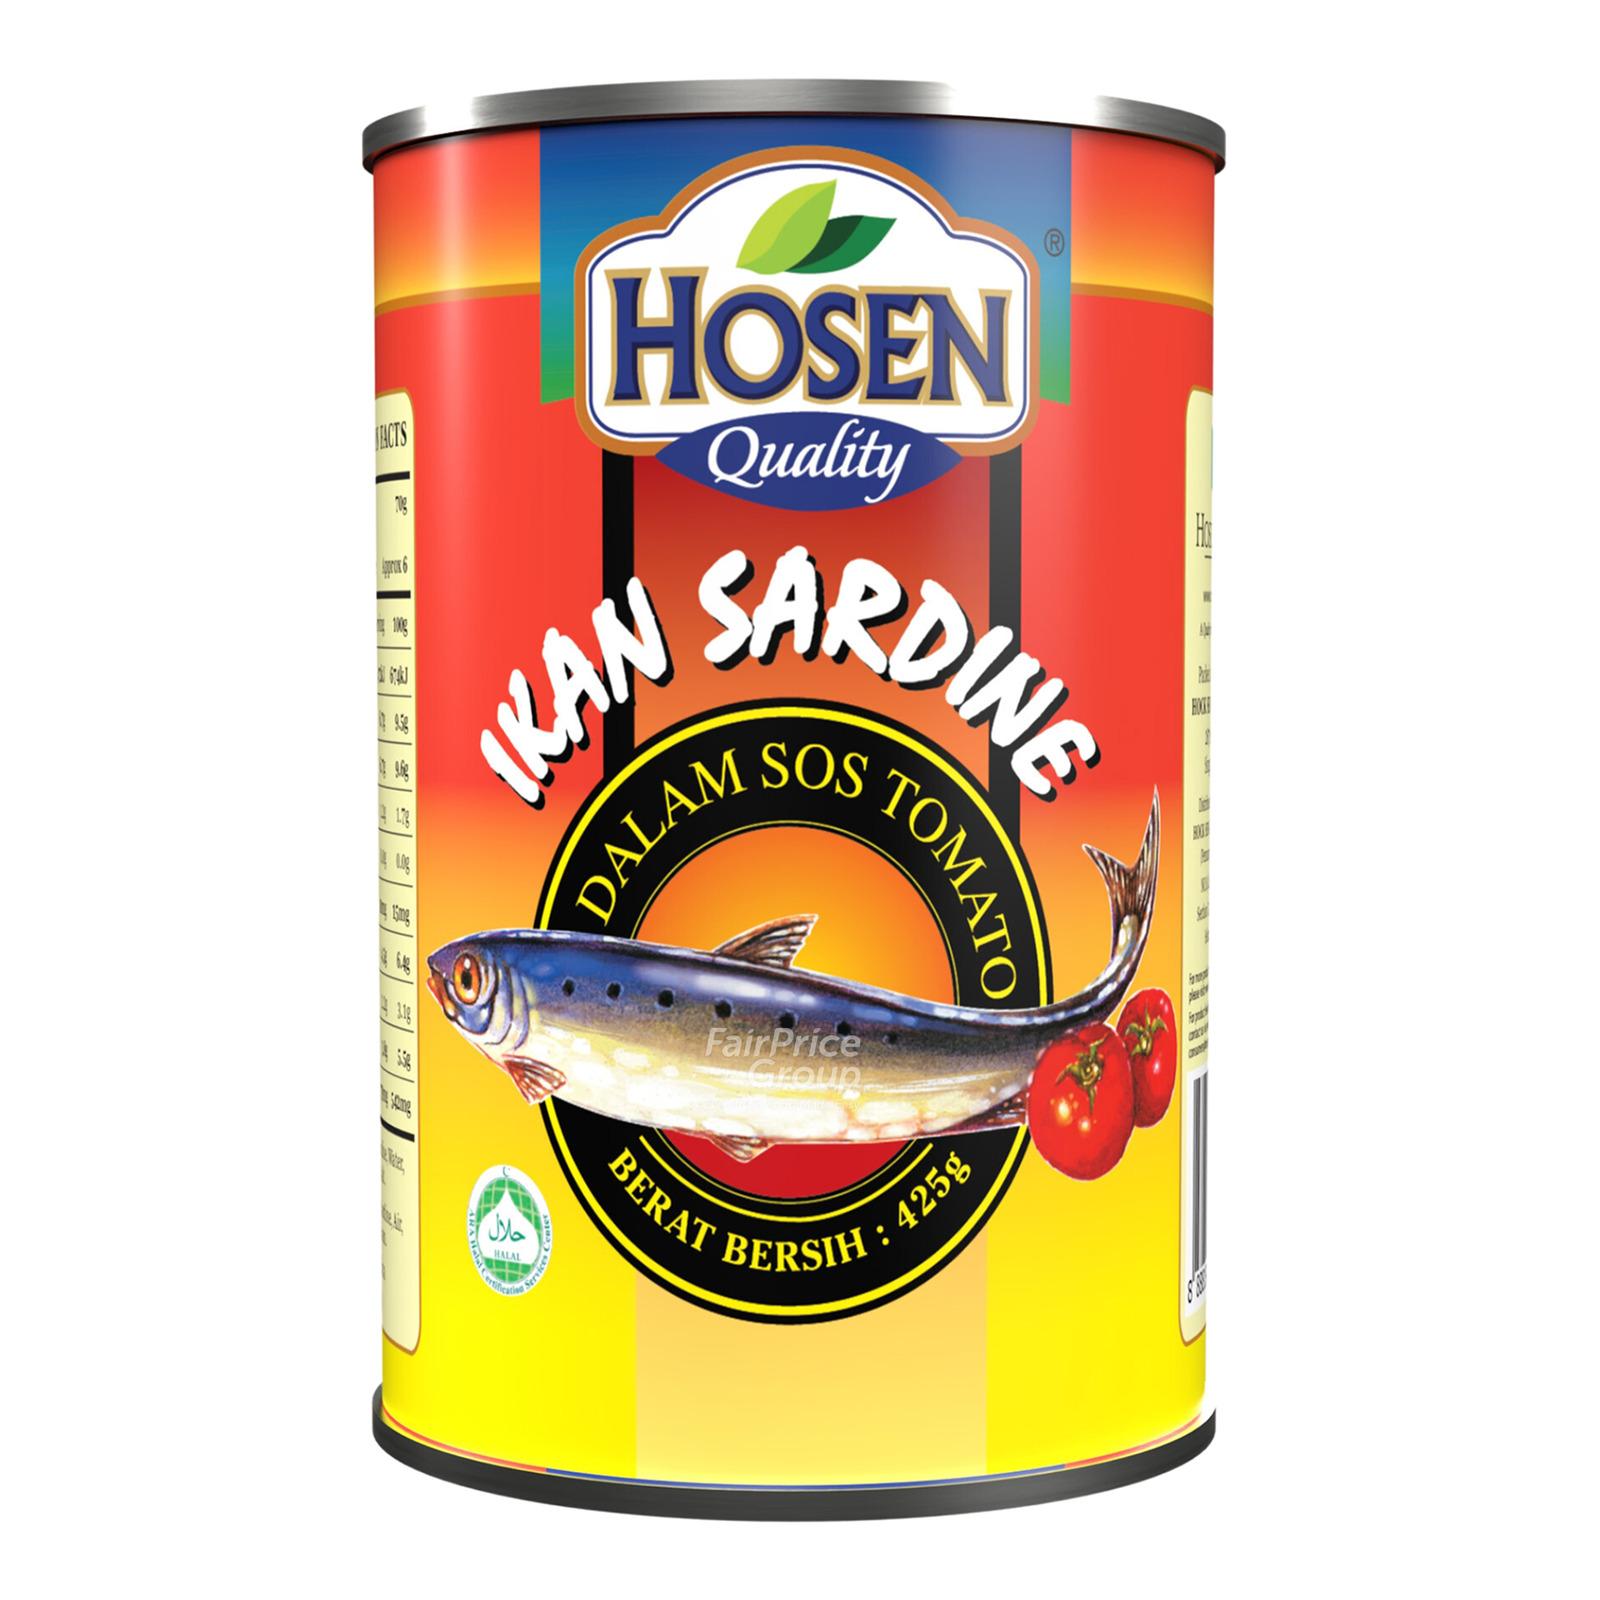 H/Family Sardine IN Tomato Sauce 425G